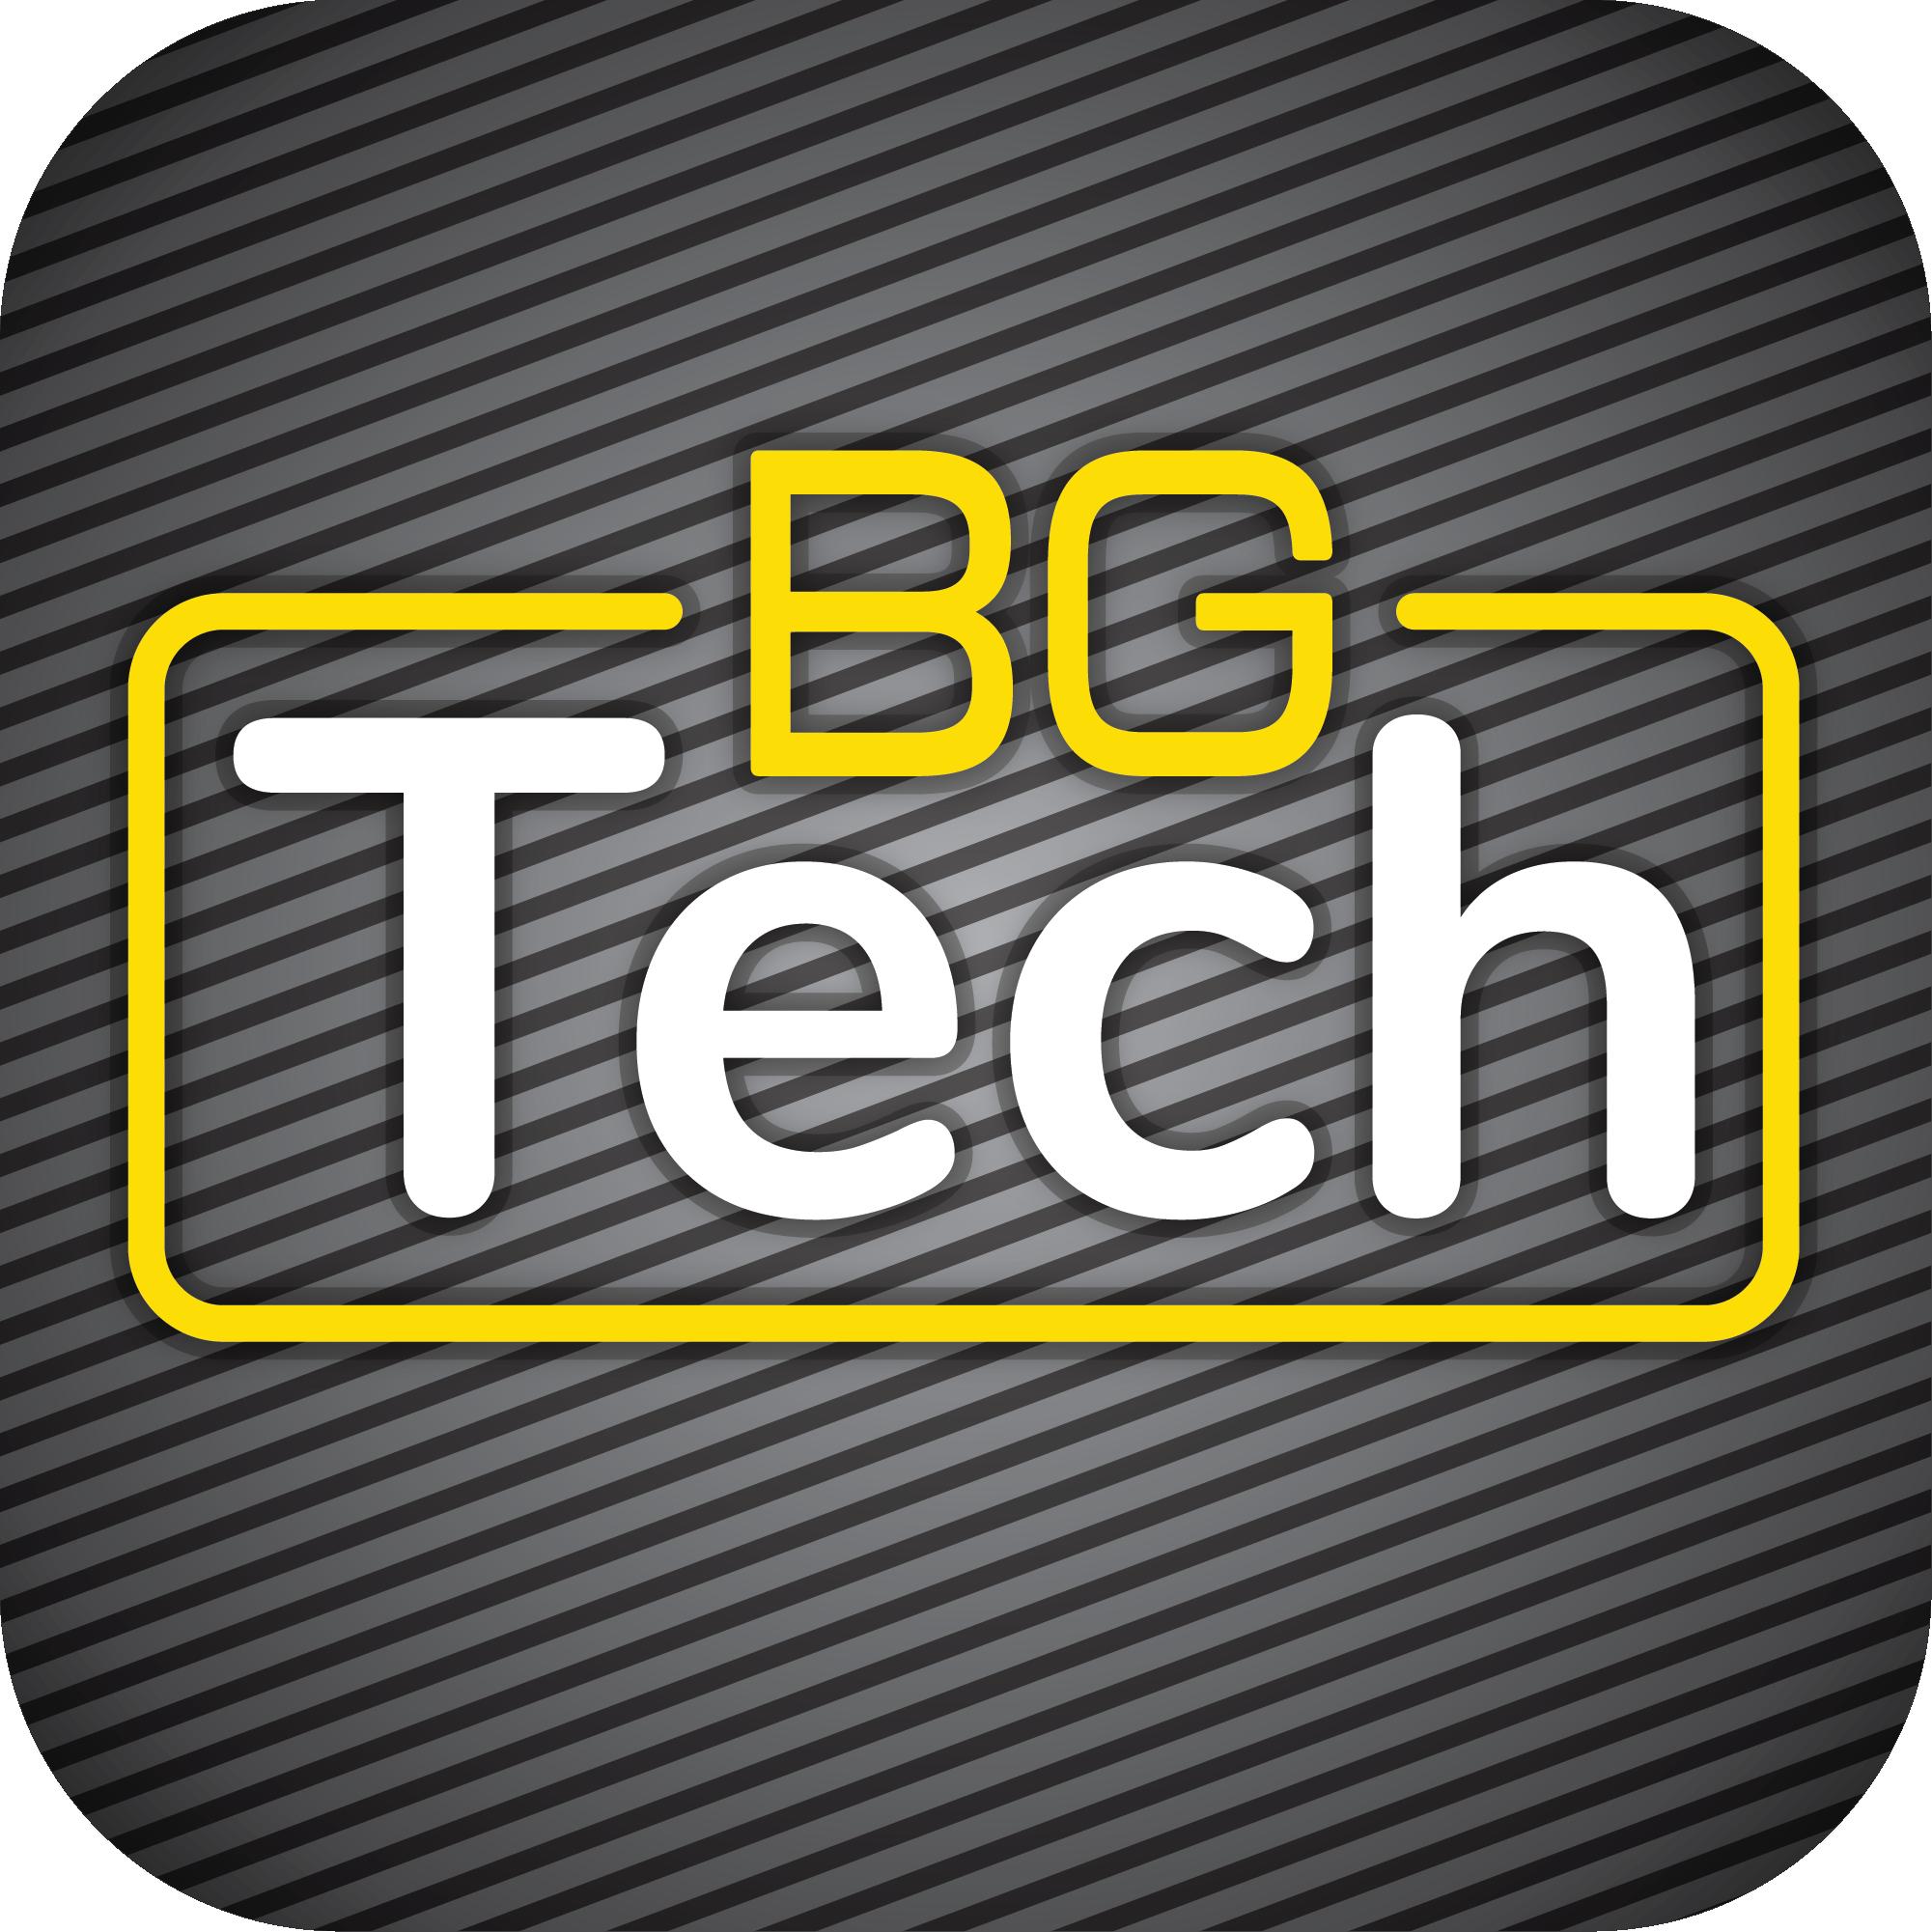 NEW App for automotive technicians at BG Shops